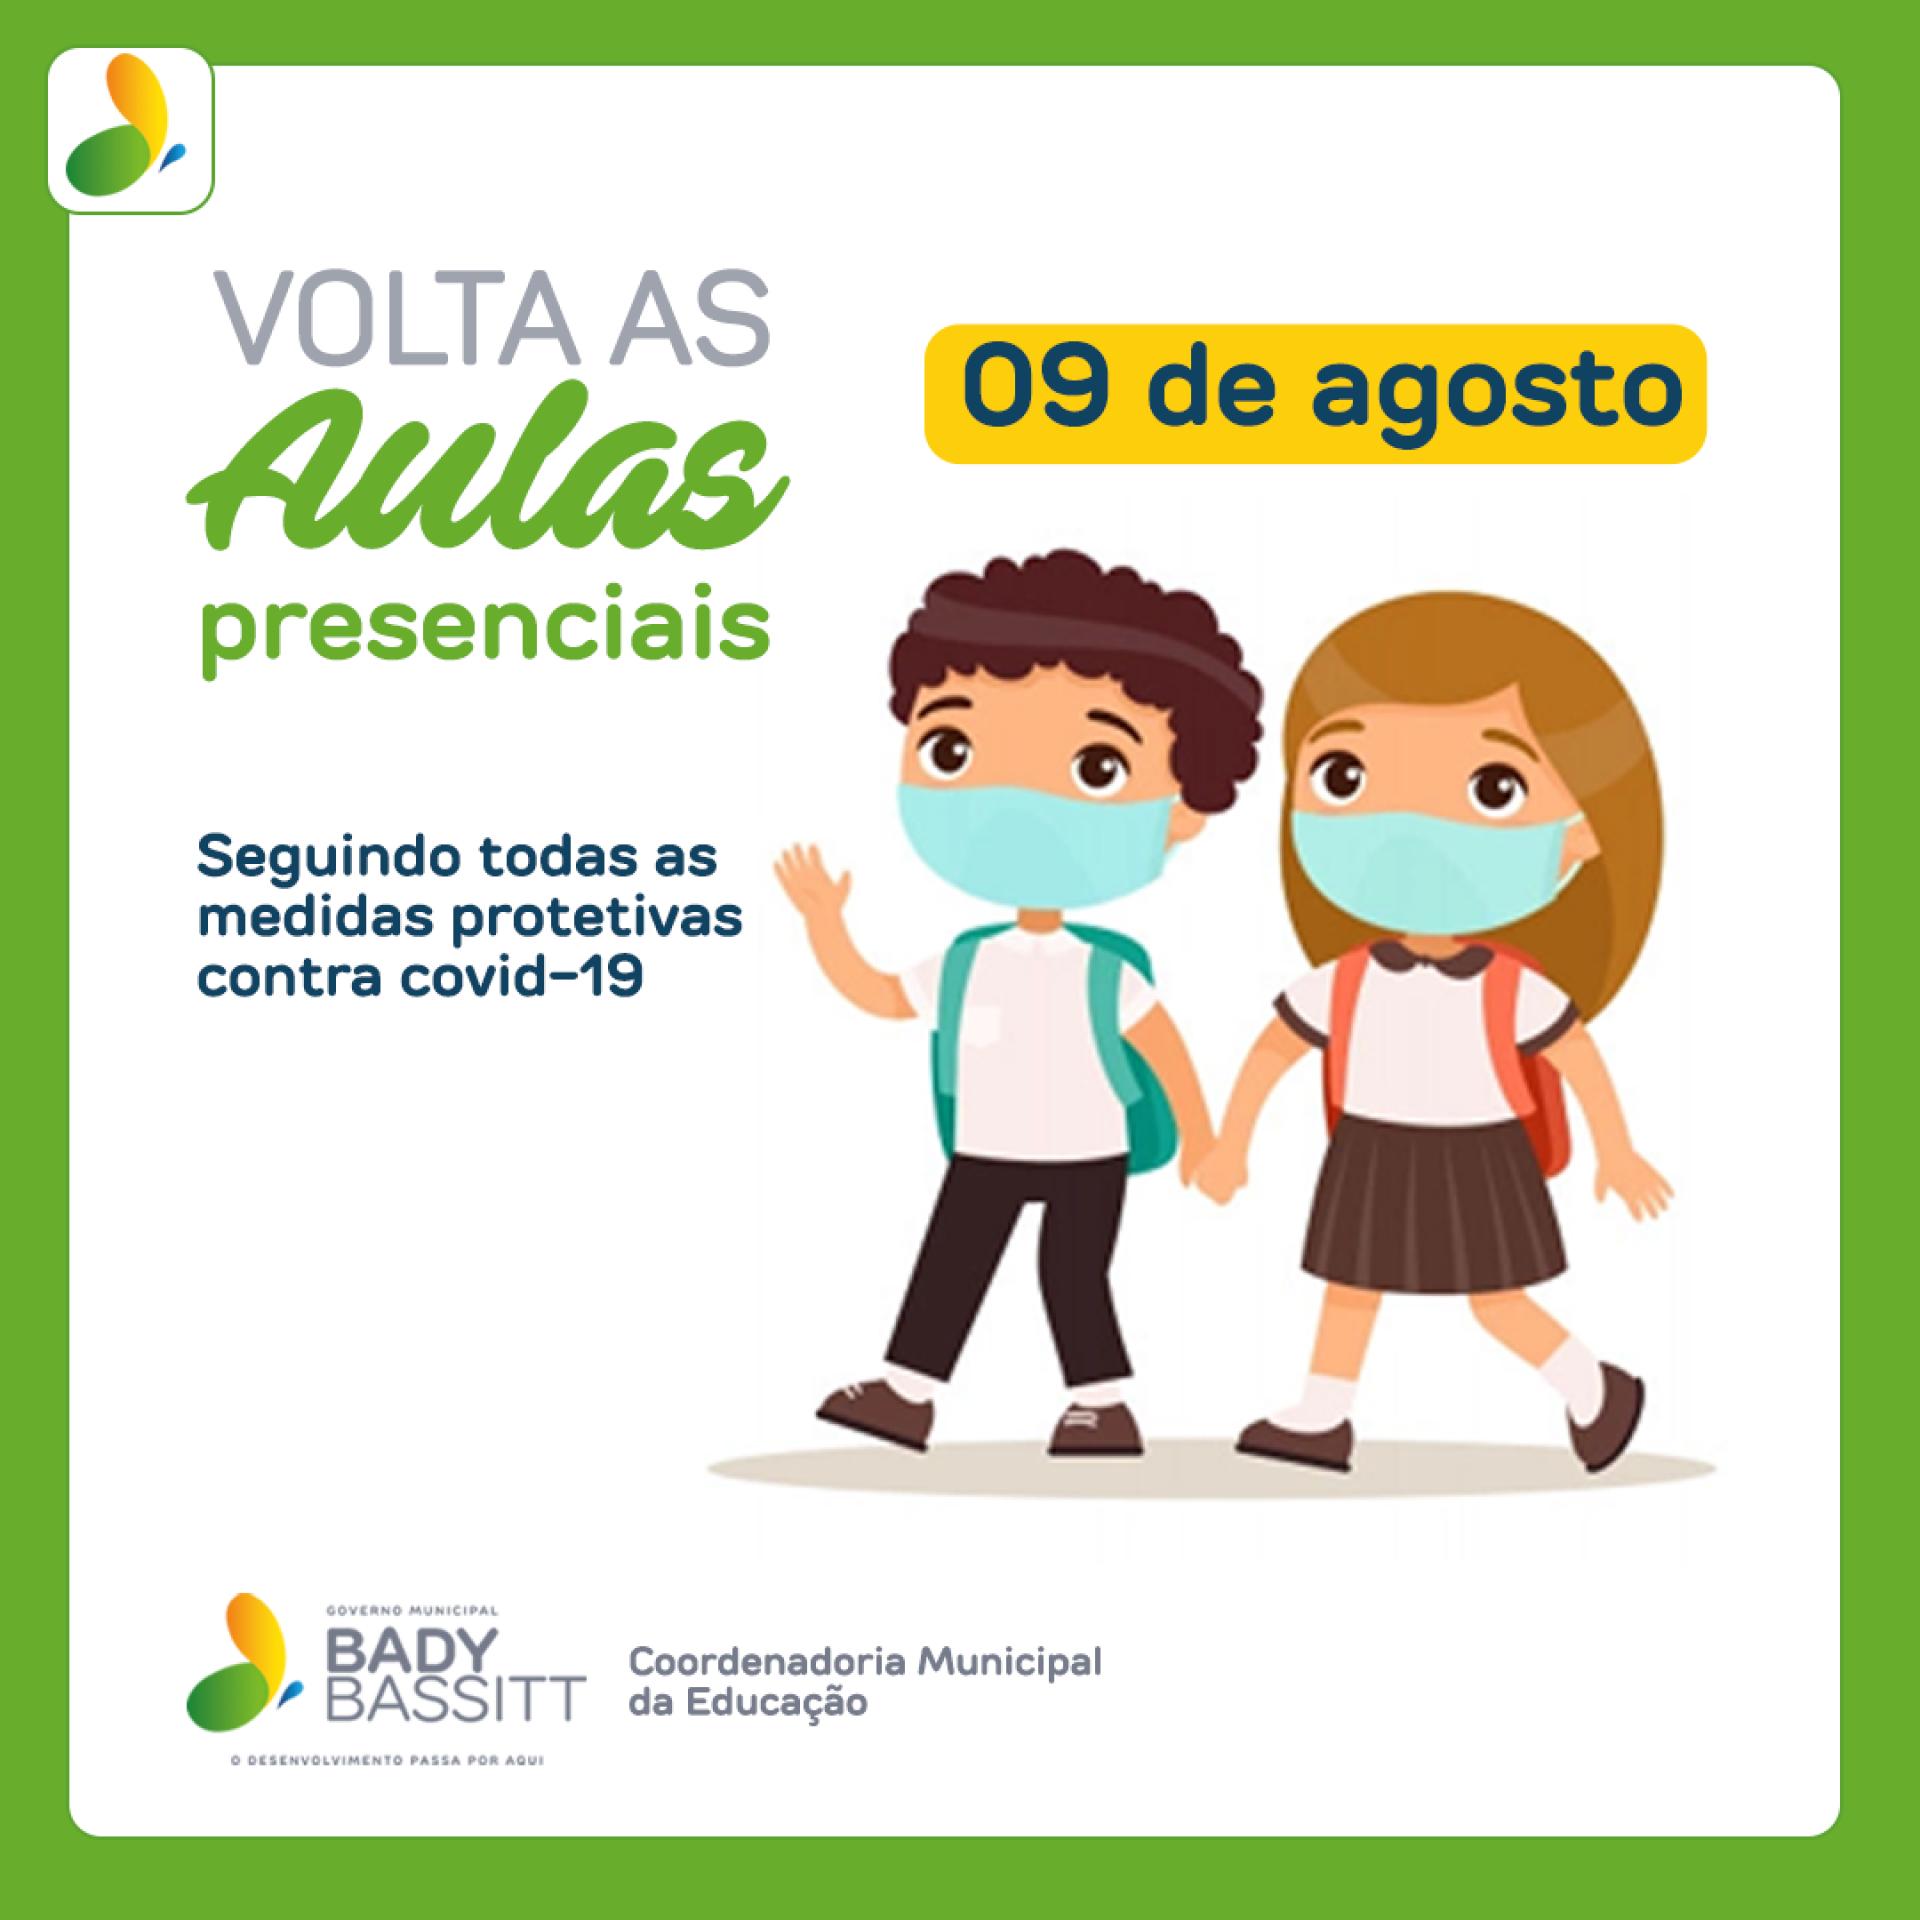 EDUCAÇÃO - Bady retoma aulas presenciais a partir de 09 de agosto